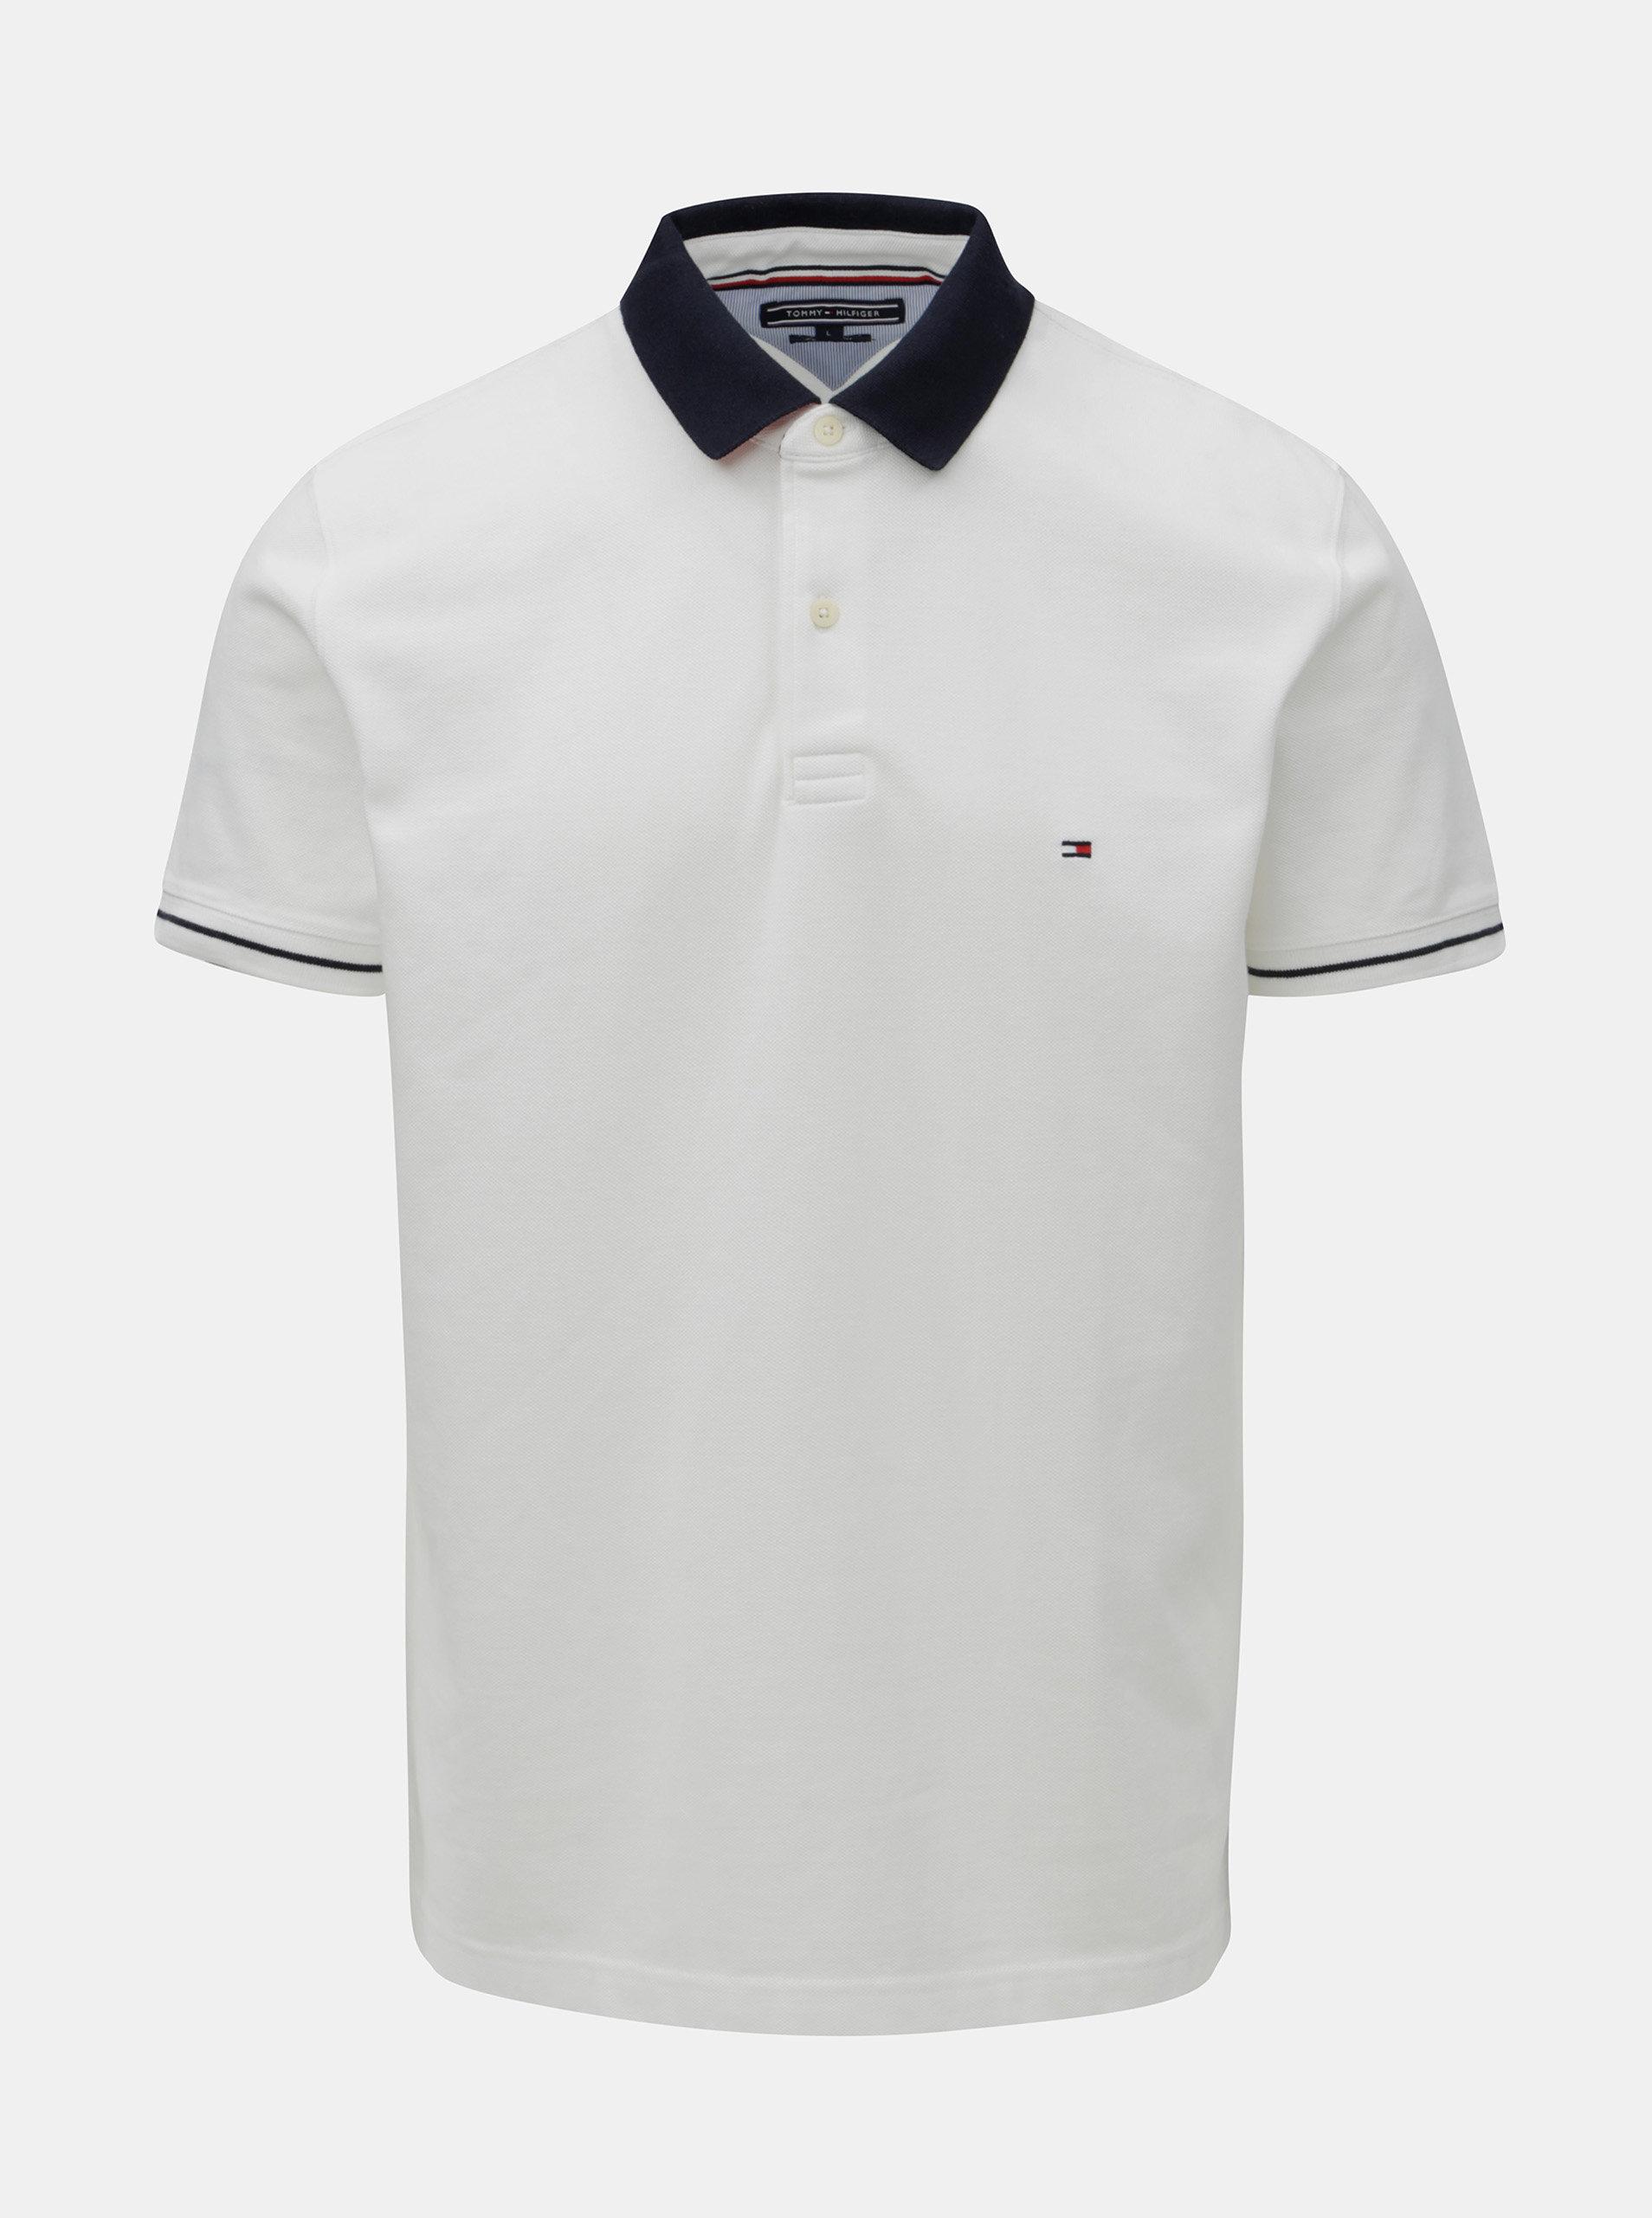 Bílé pánské regular fit polo tričko Tommy Hilfiger ... e2d71bdd45f